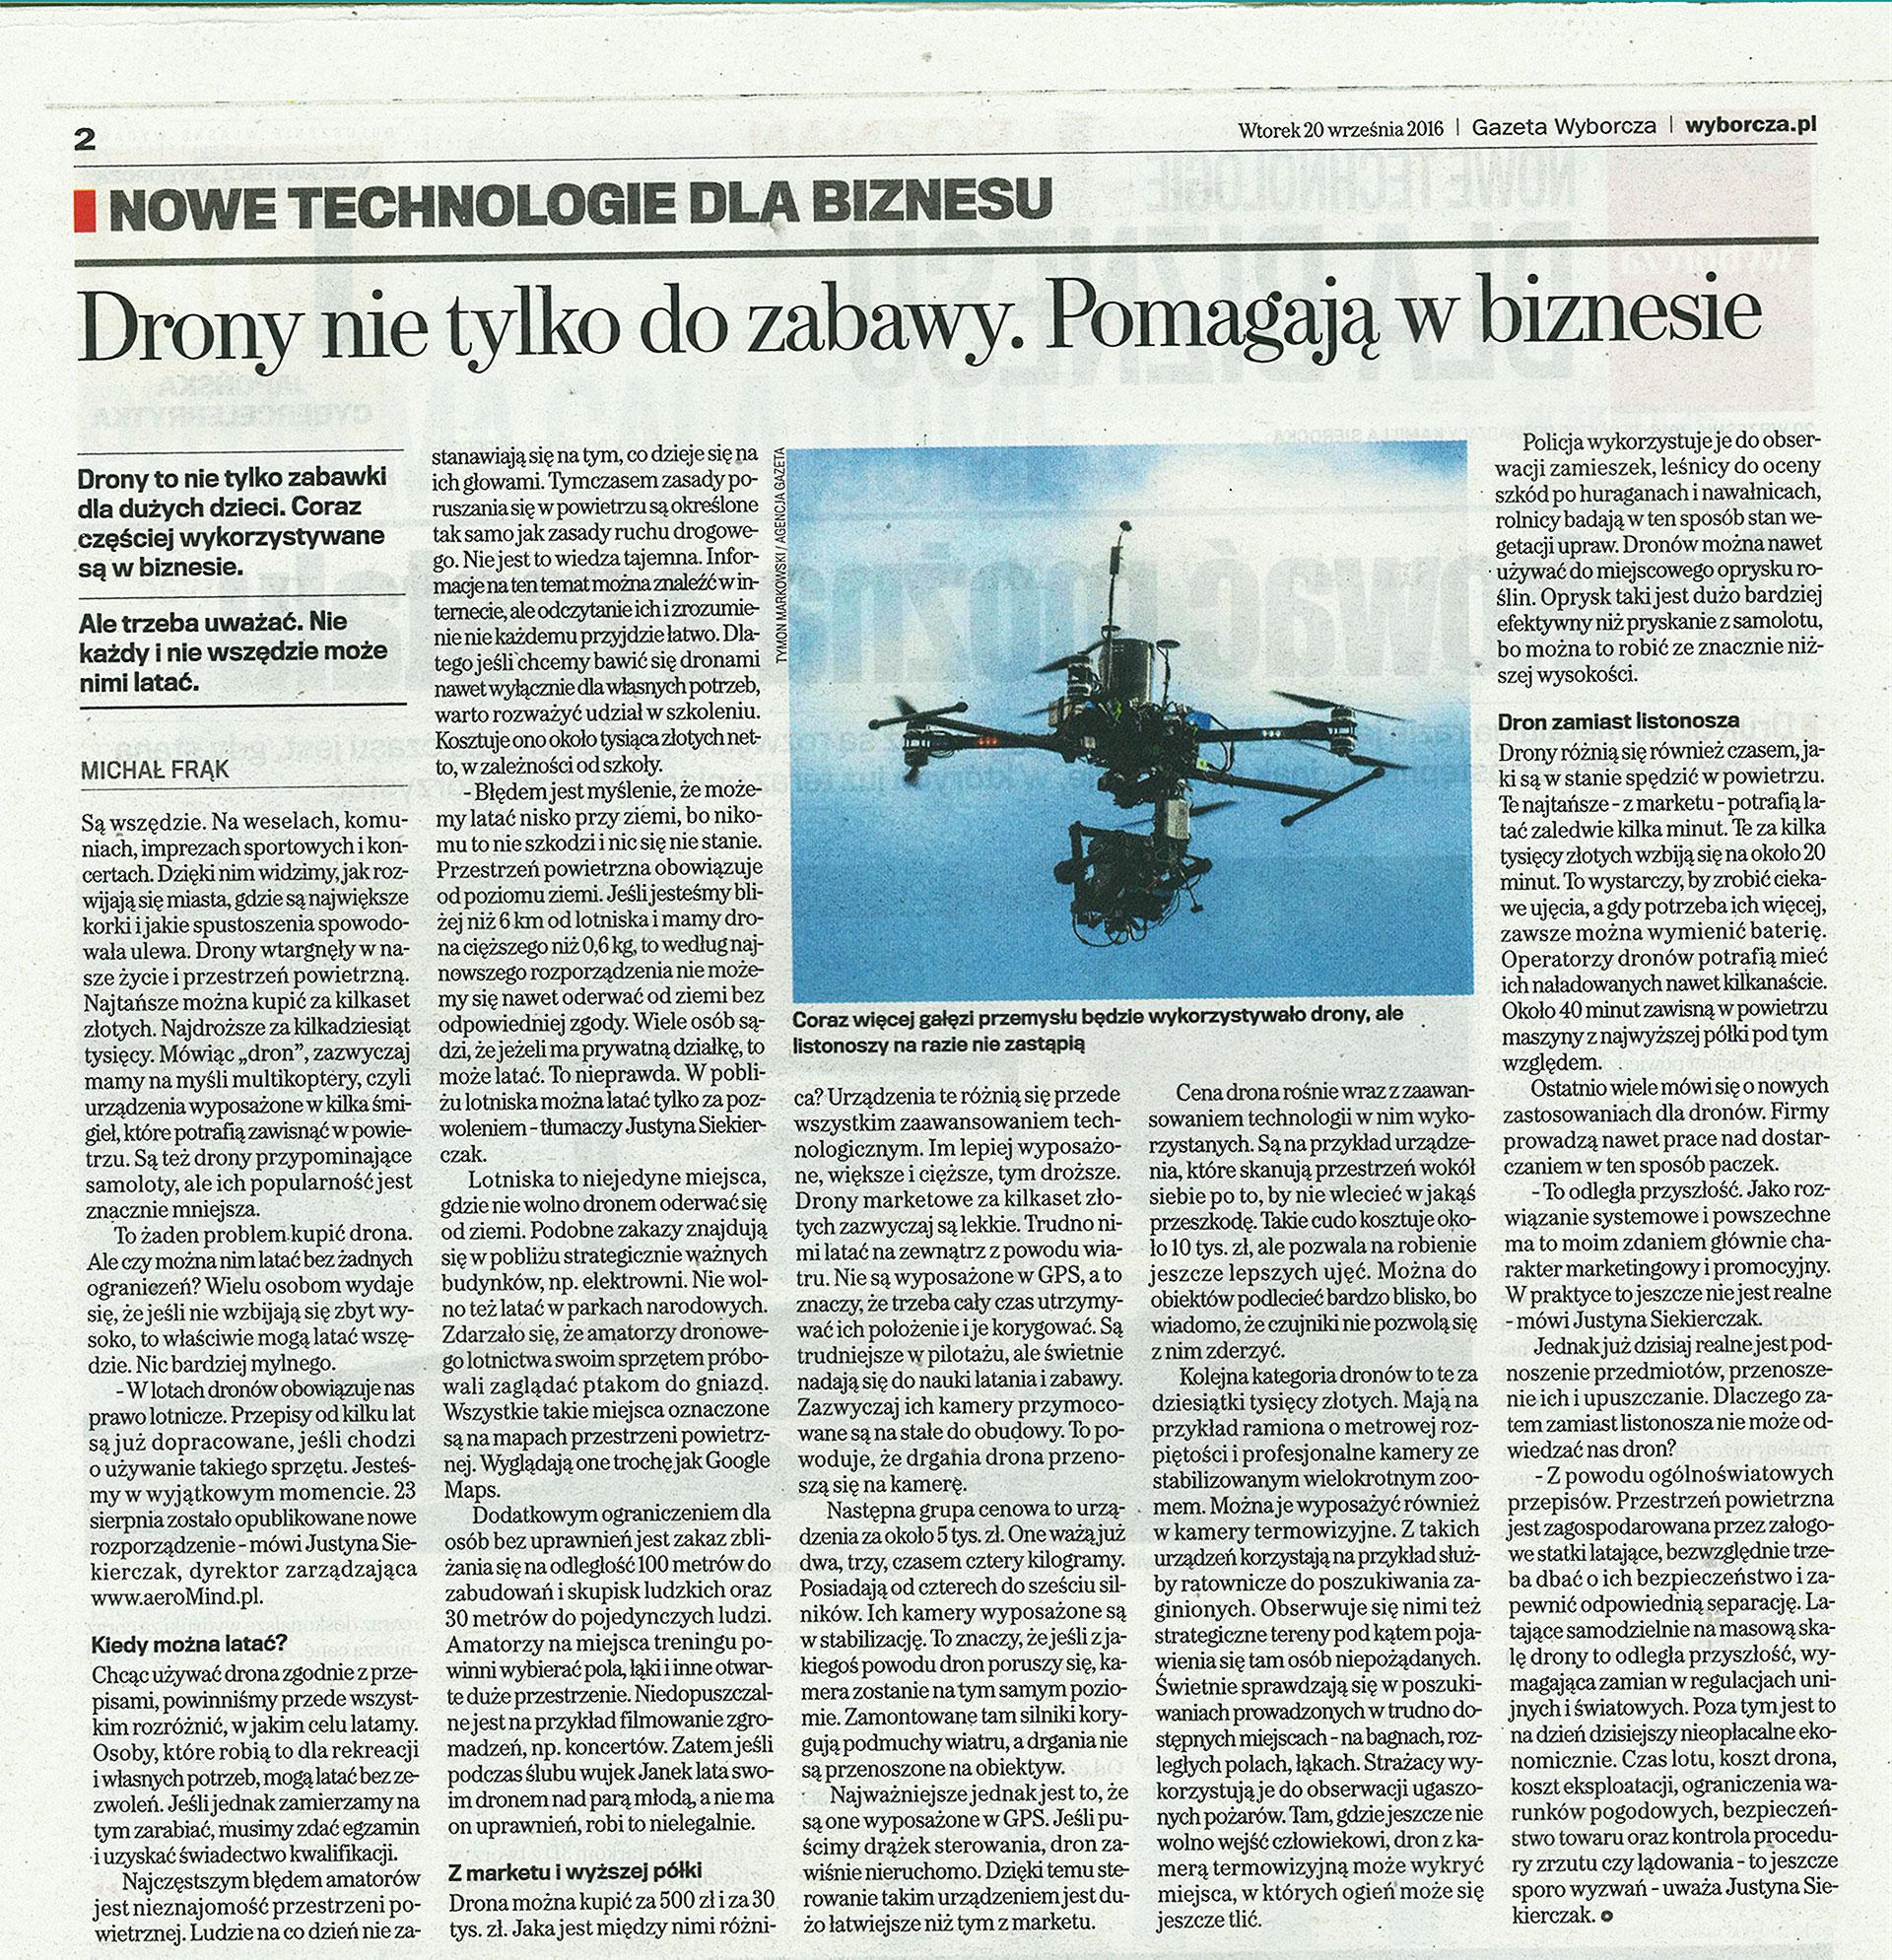 Drony nie tylko do zabawy. Pomagają w biznesie